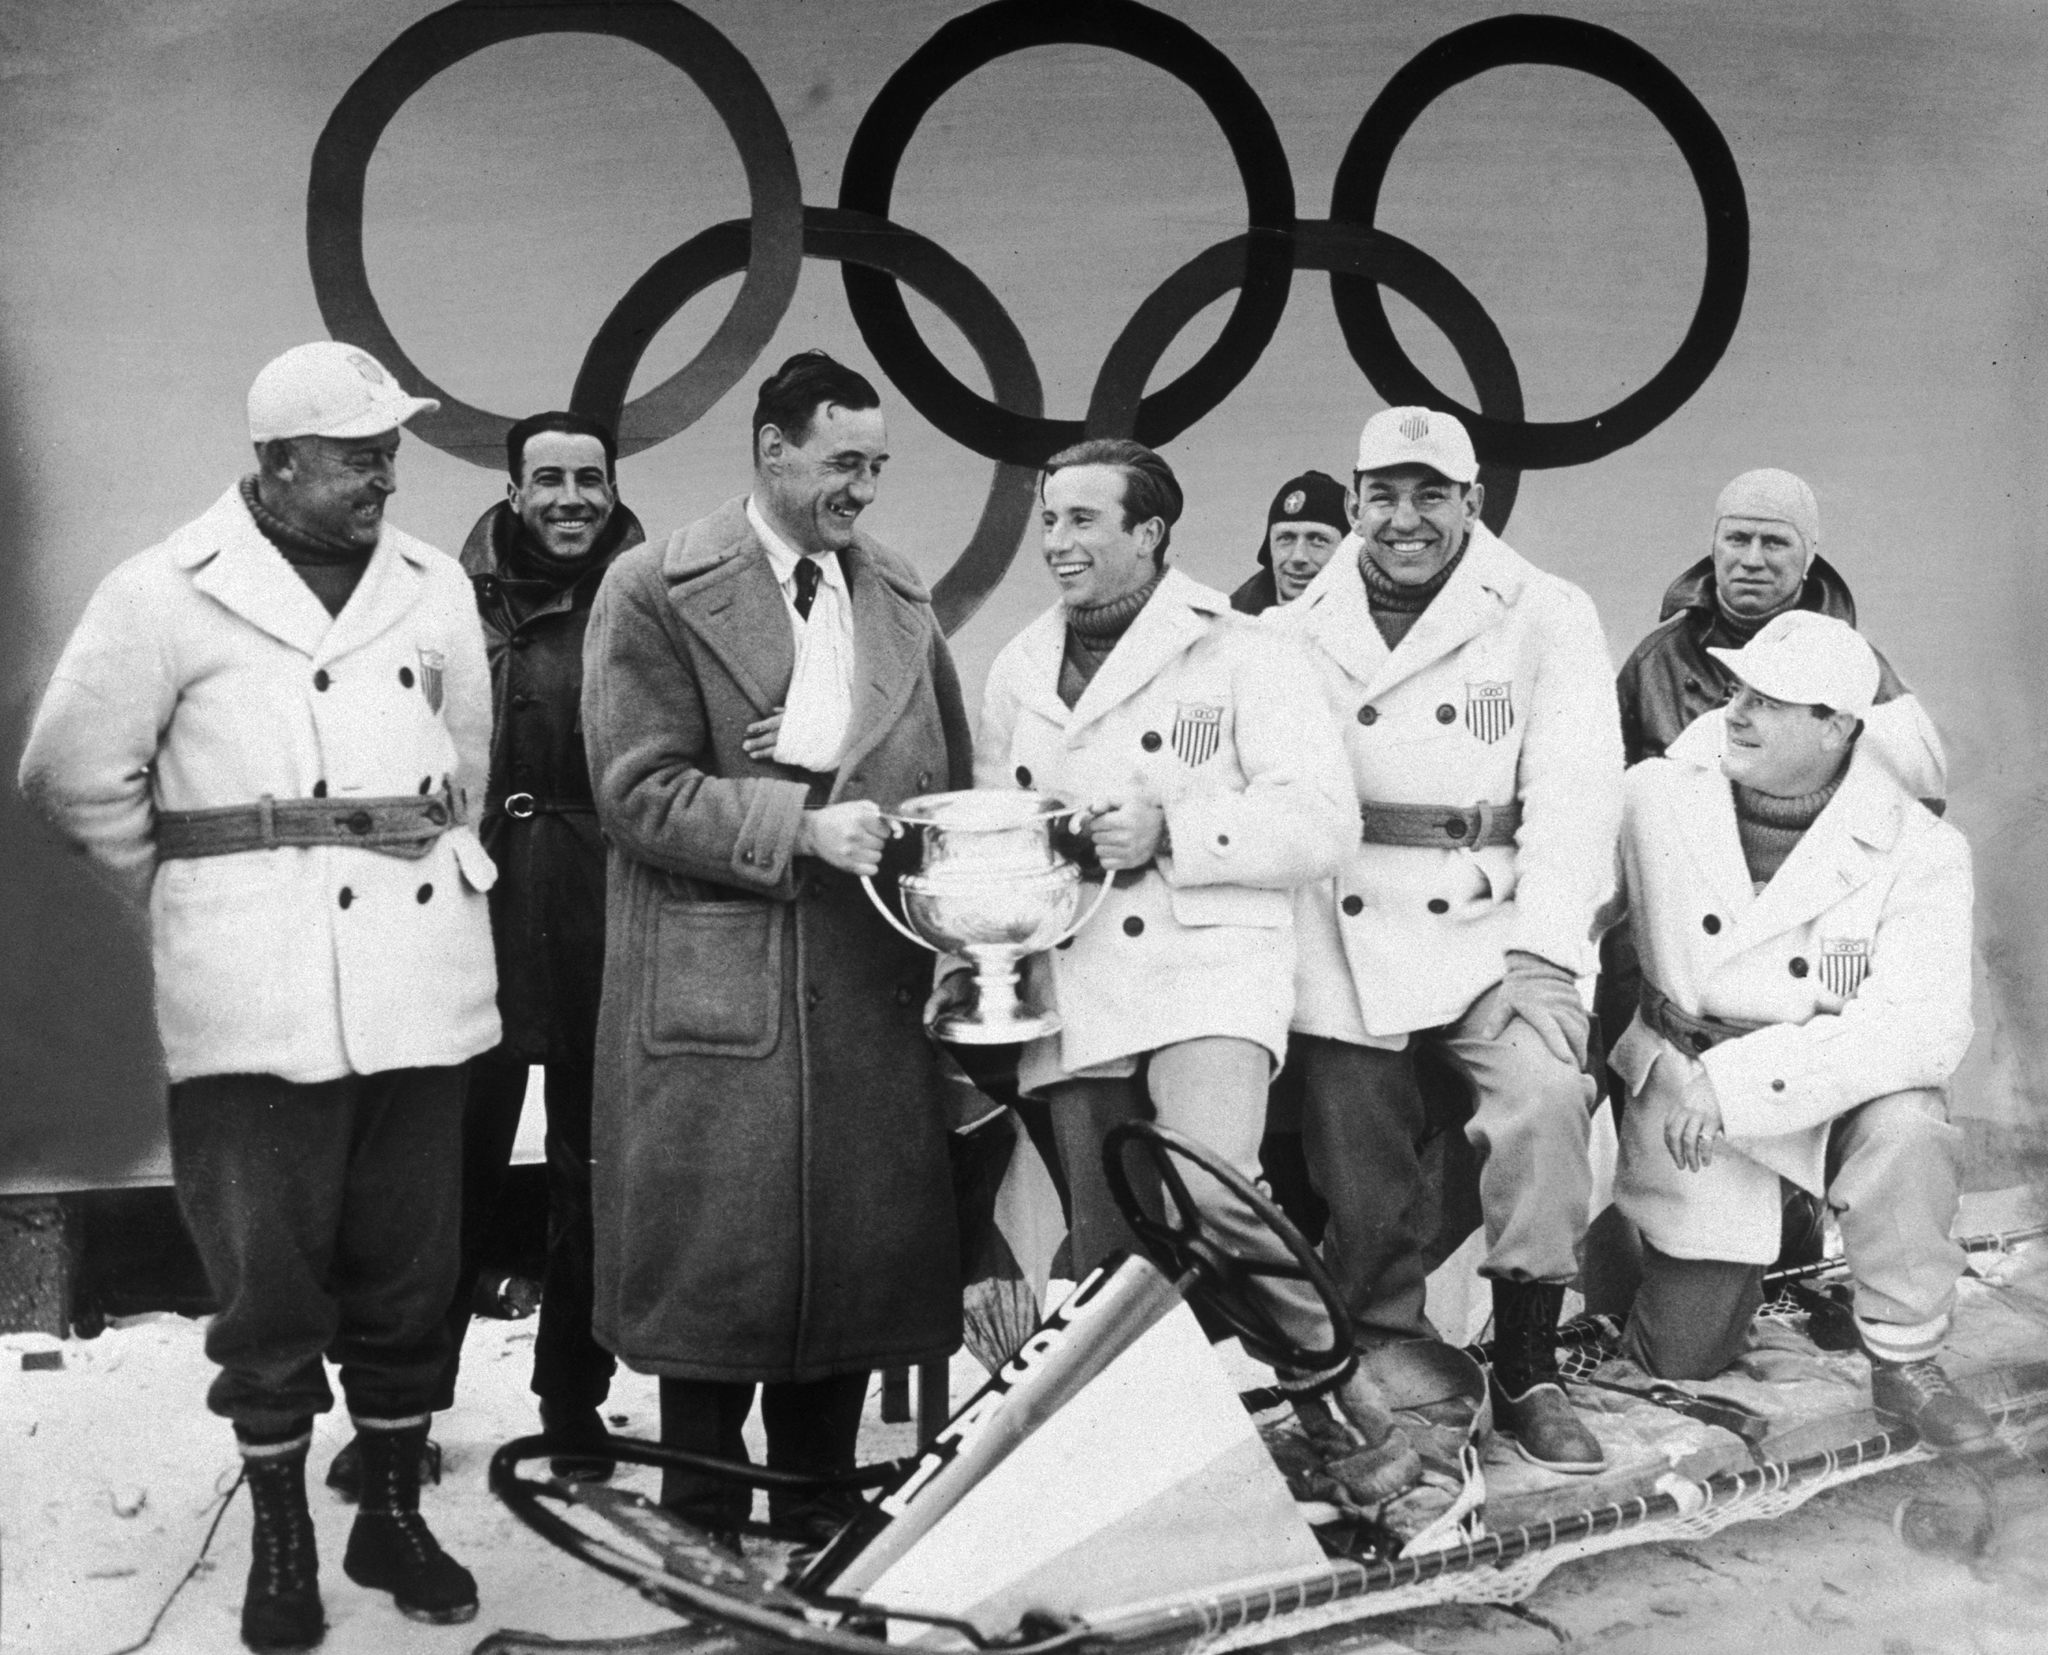 Eddie Eagan, tercero por la derecha, sonríe, mientras su compañero...